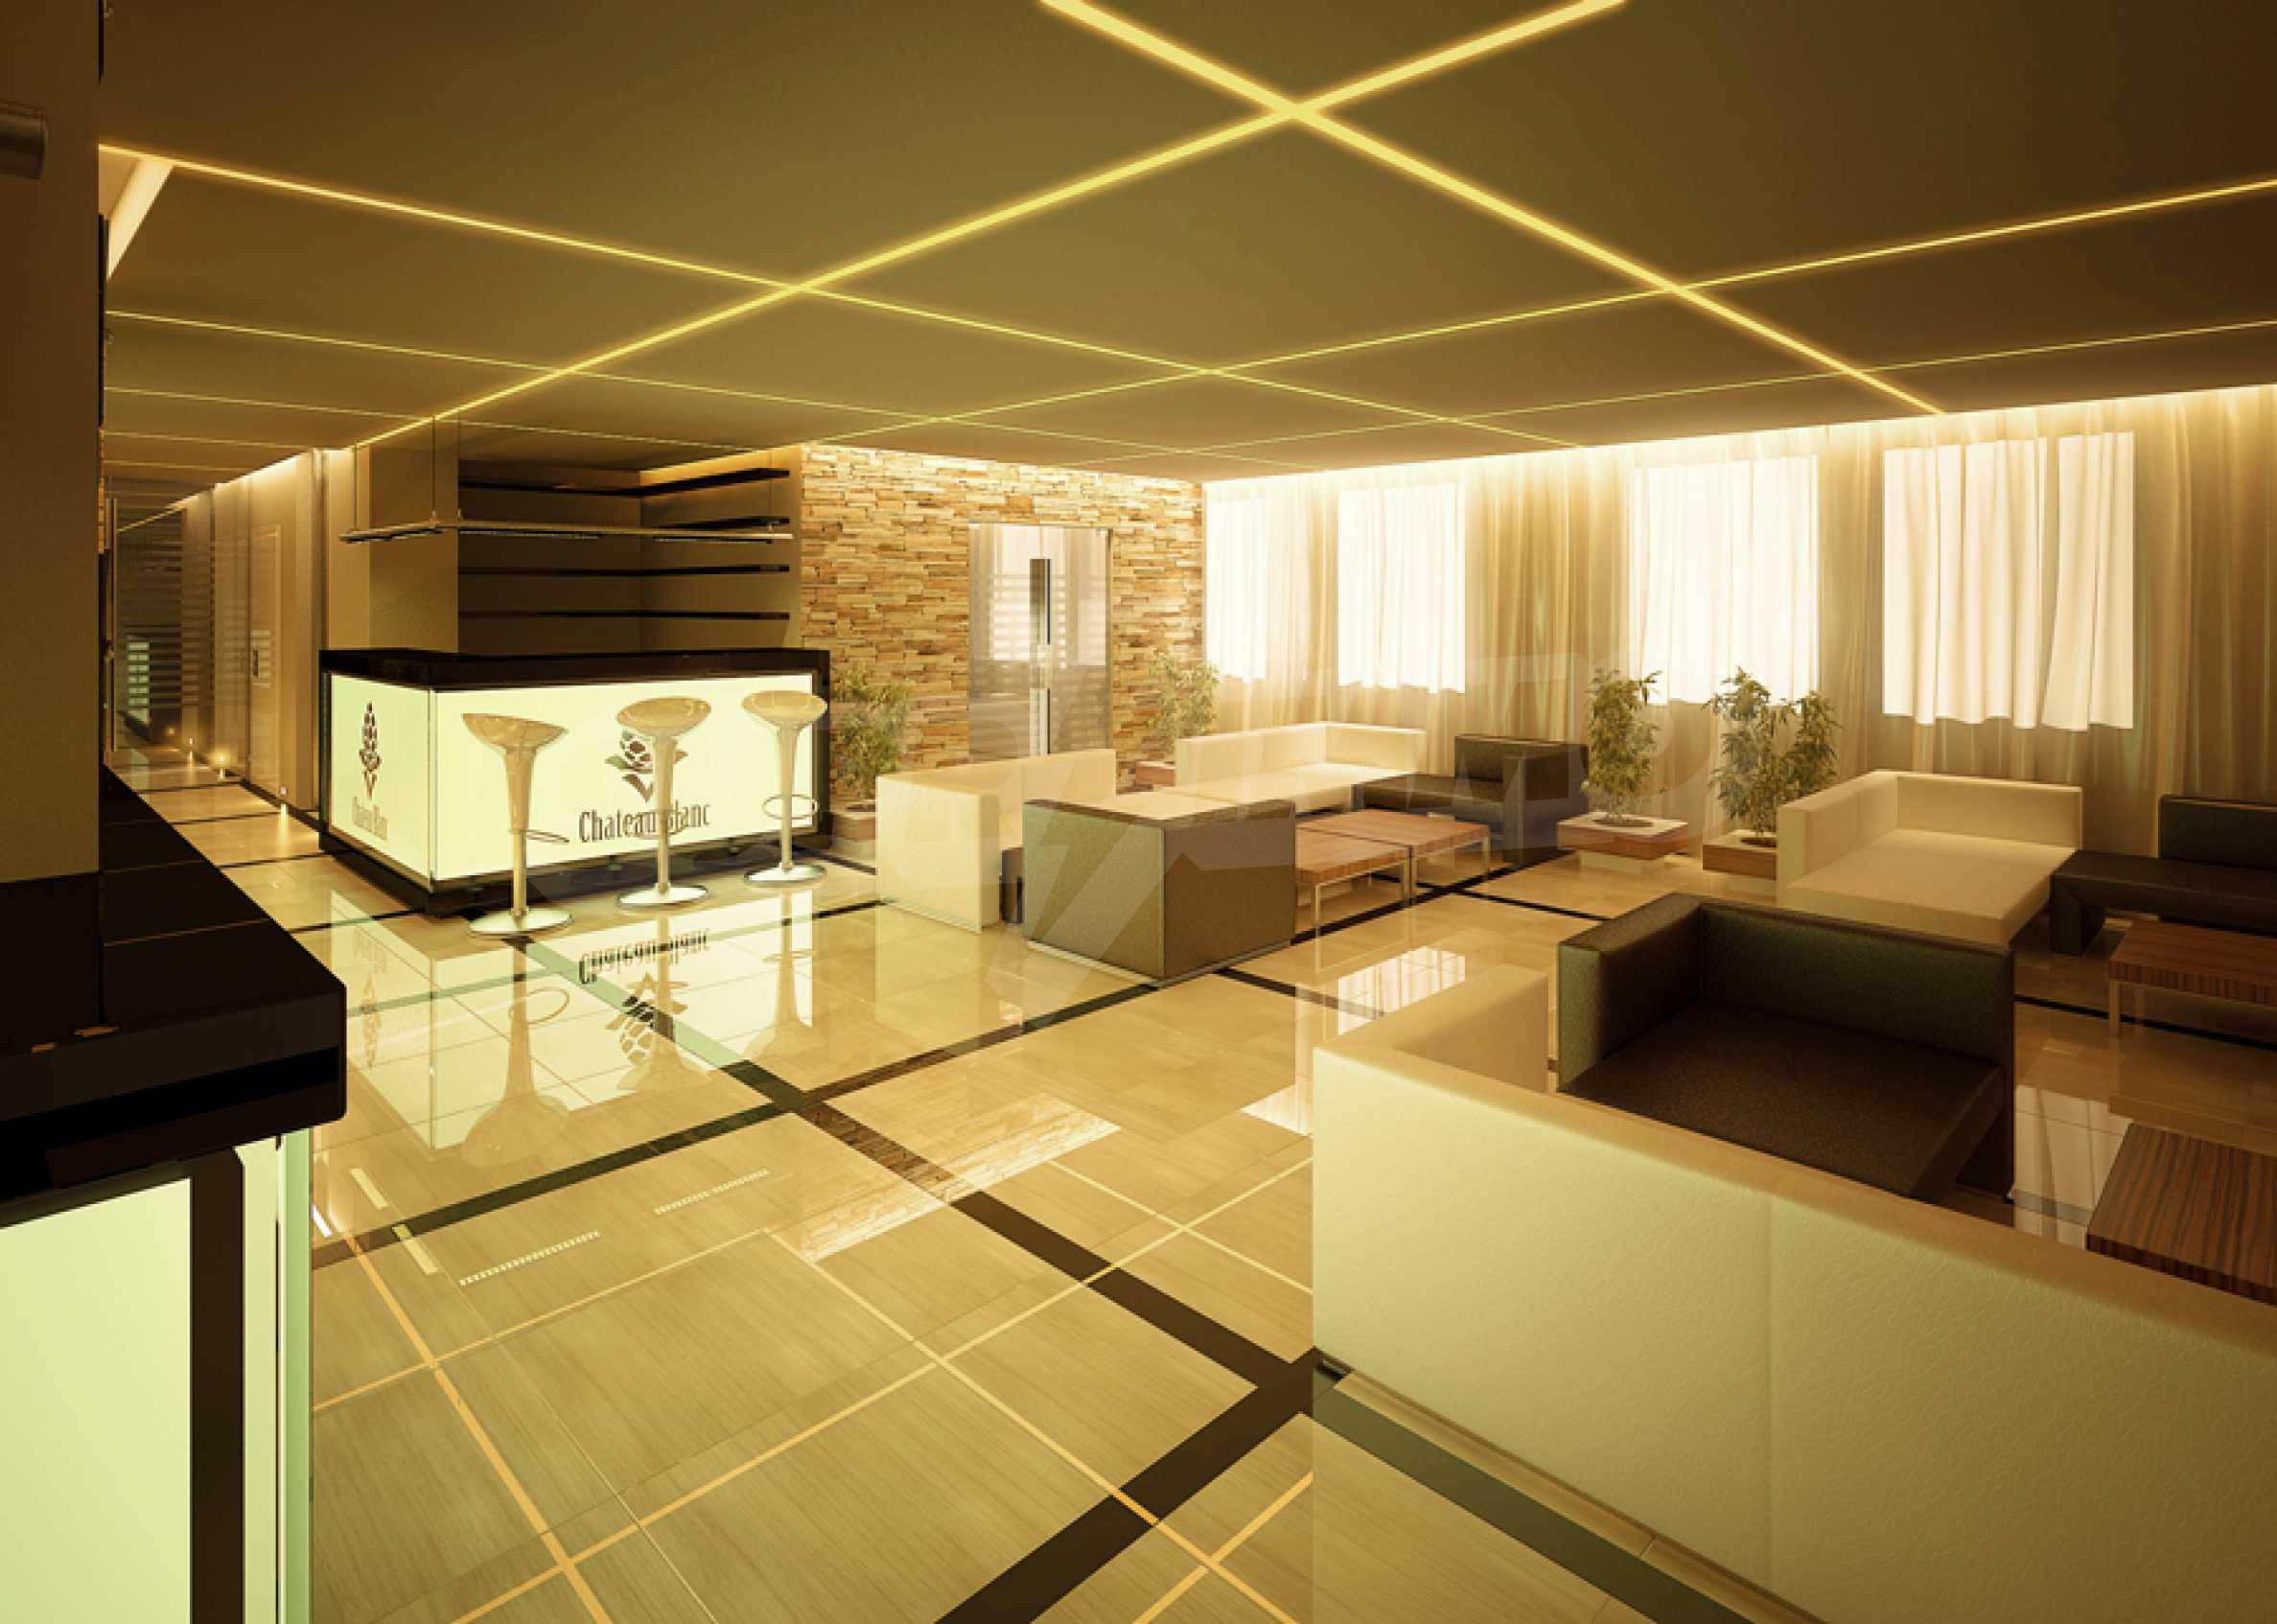 Chateau Blanc (Шато Блан): Возможно лучшая возможность для инвестиции в Банско 17